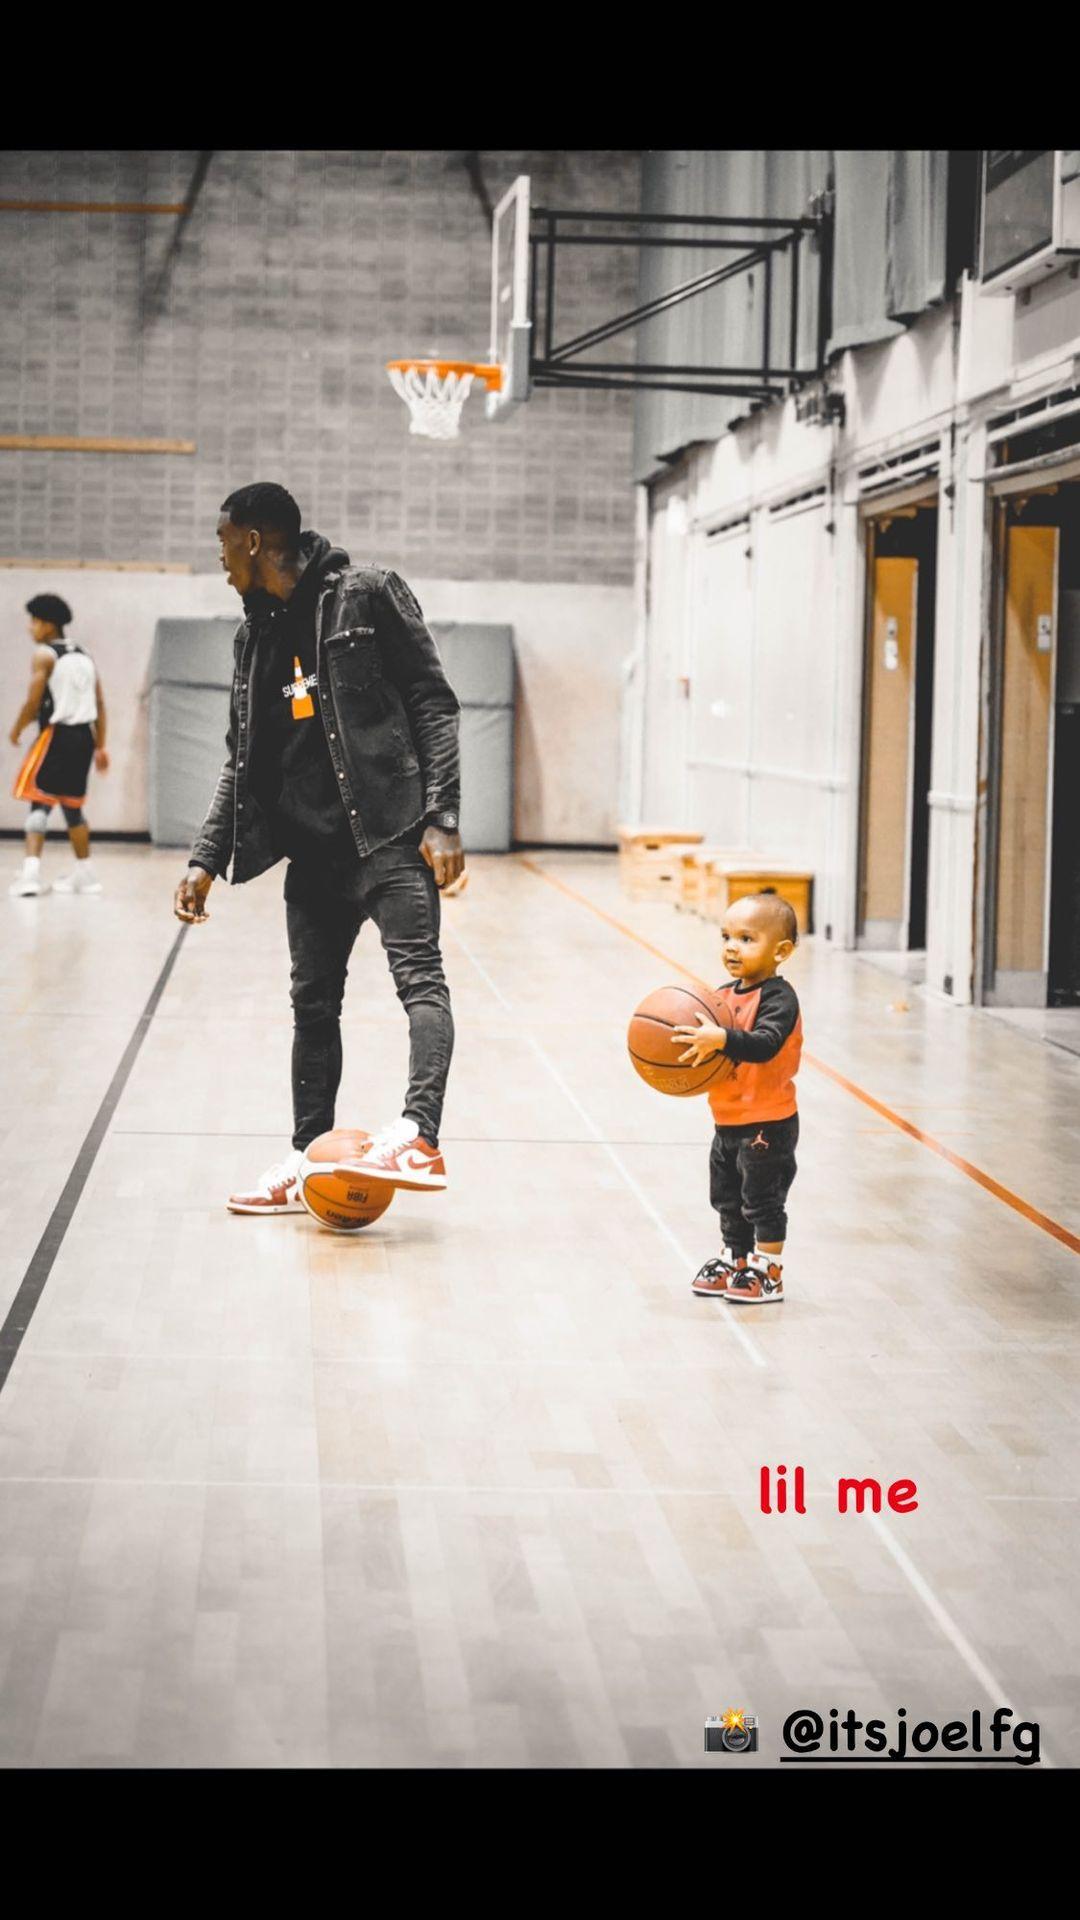 后继有人!施罗德晒自己与儿子在球场边的照片